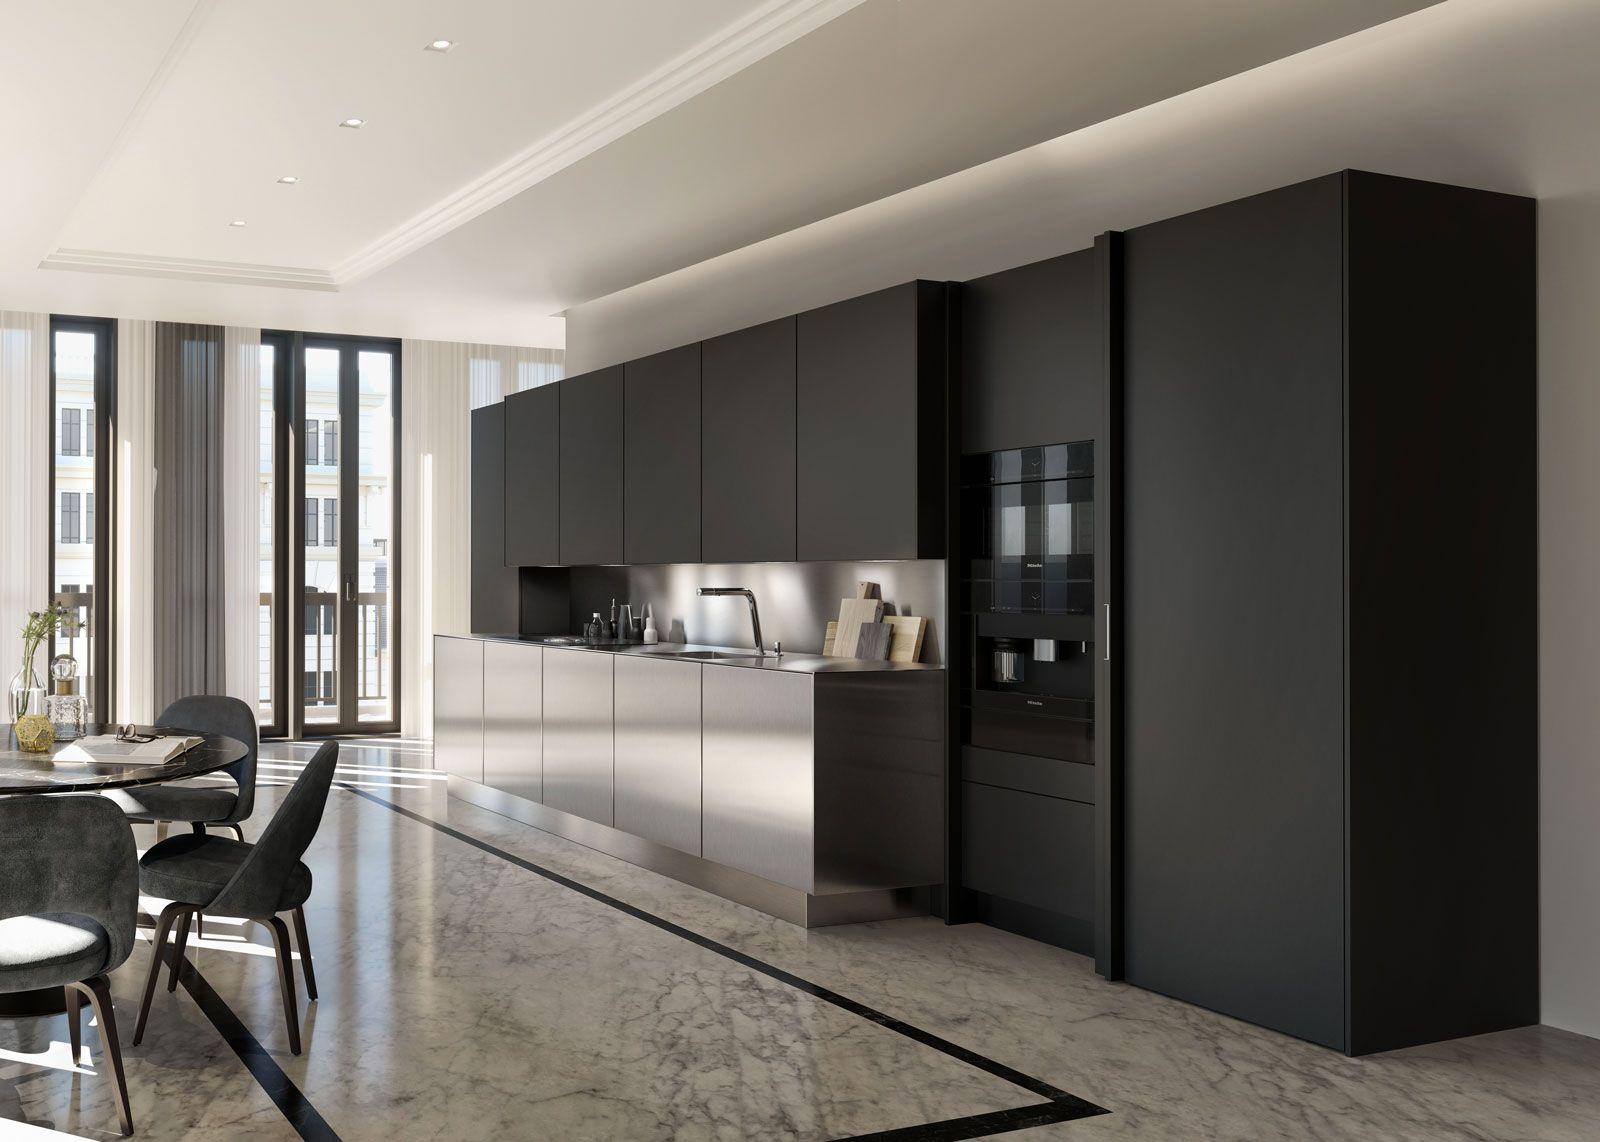 Cuisine noire et inox de luxe #SieMatic #design   Cuisine noire ...